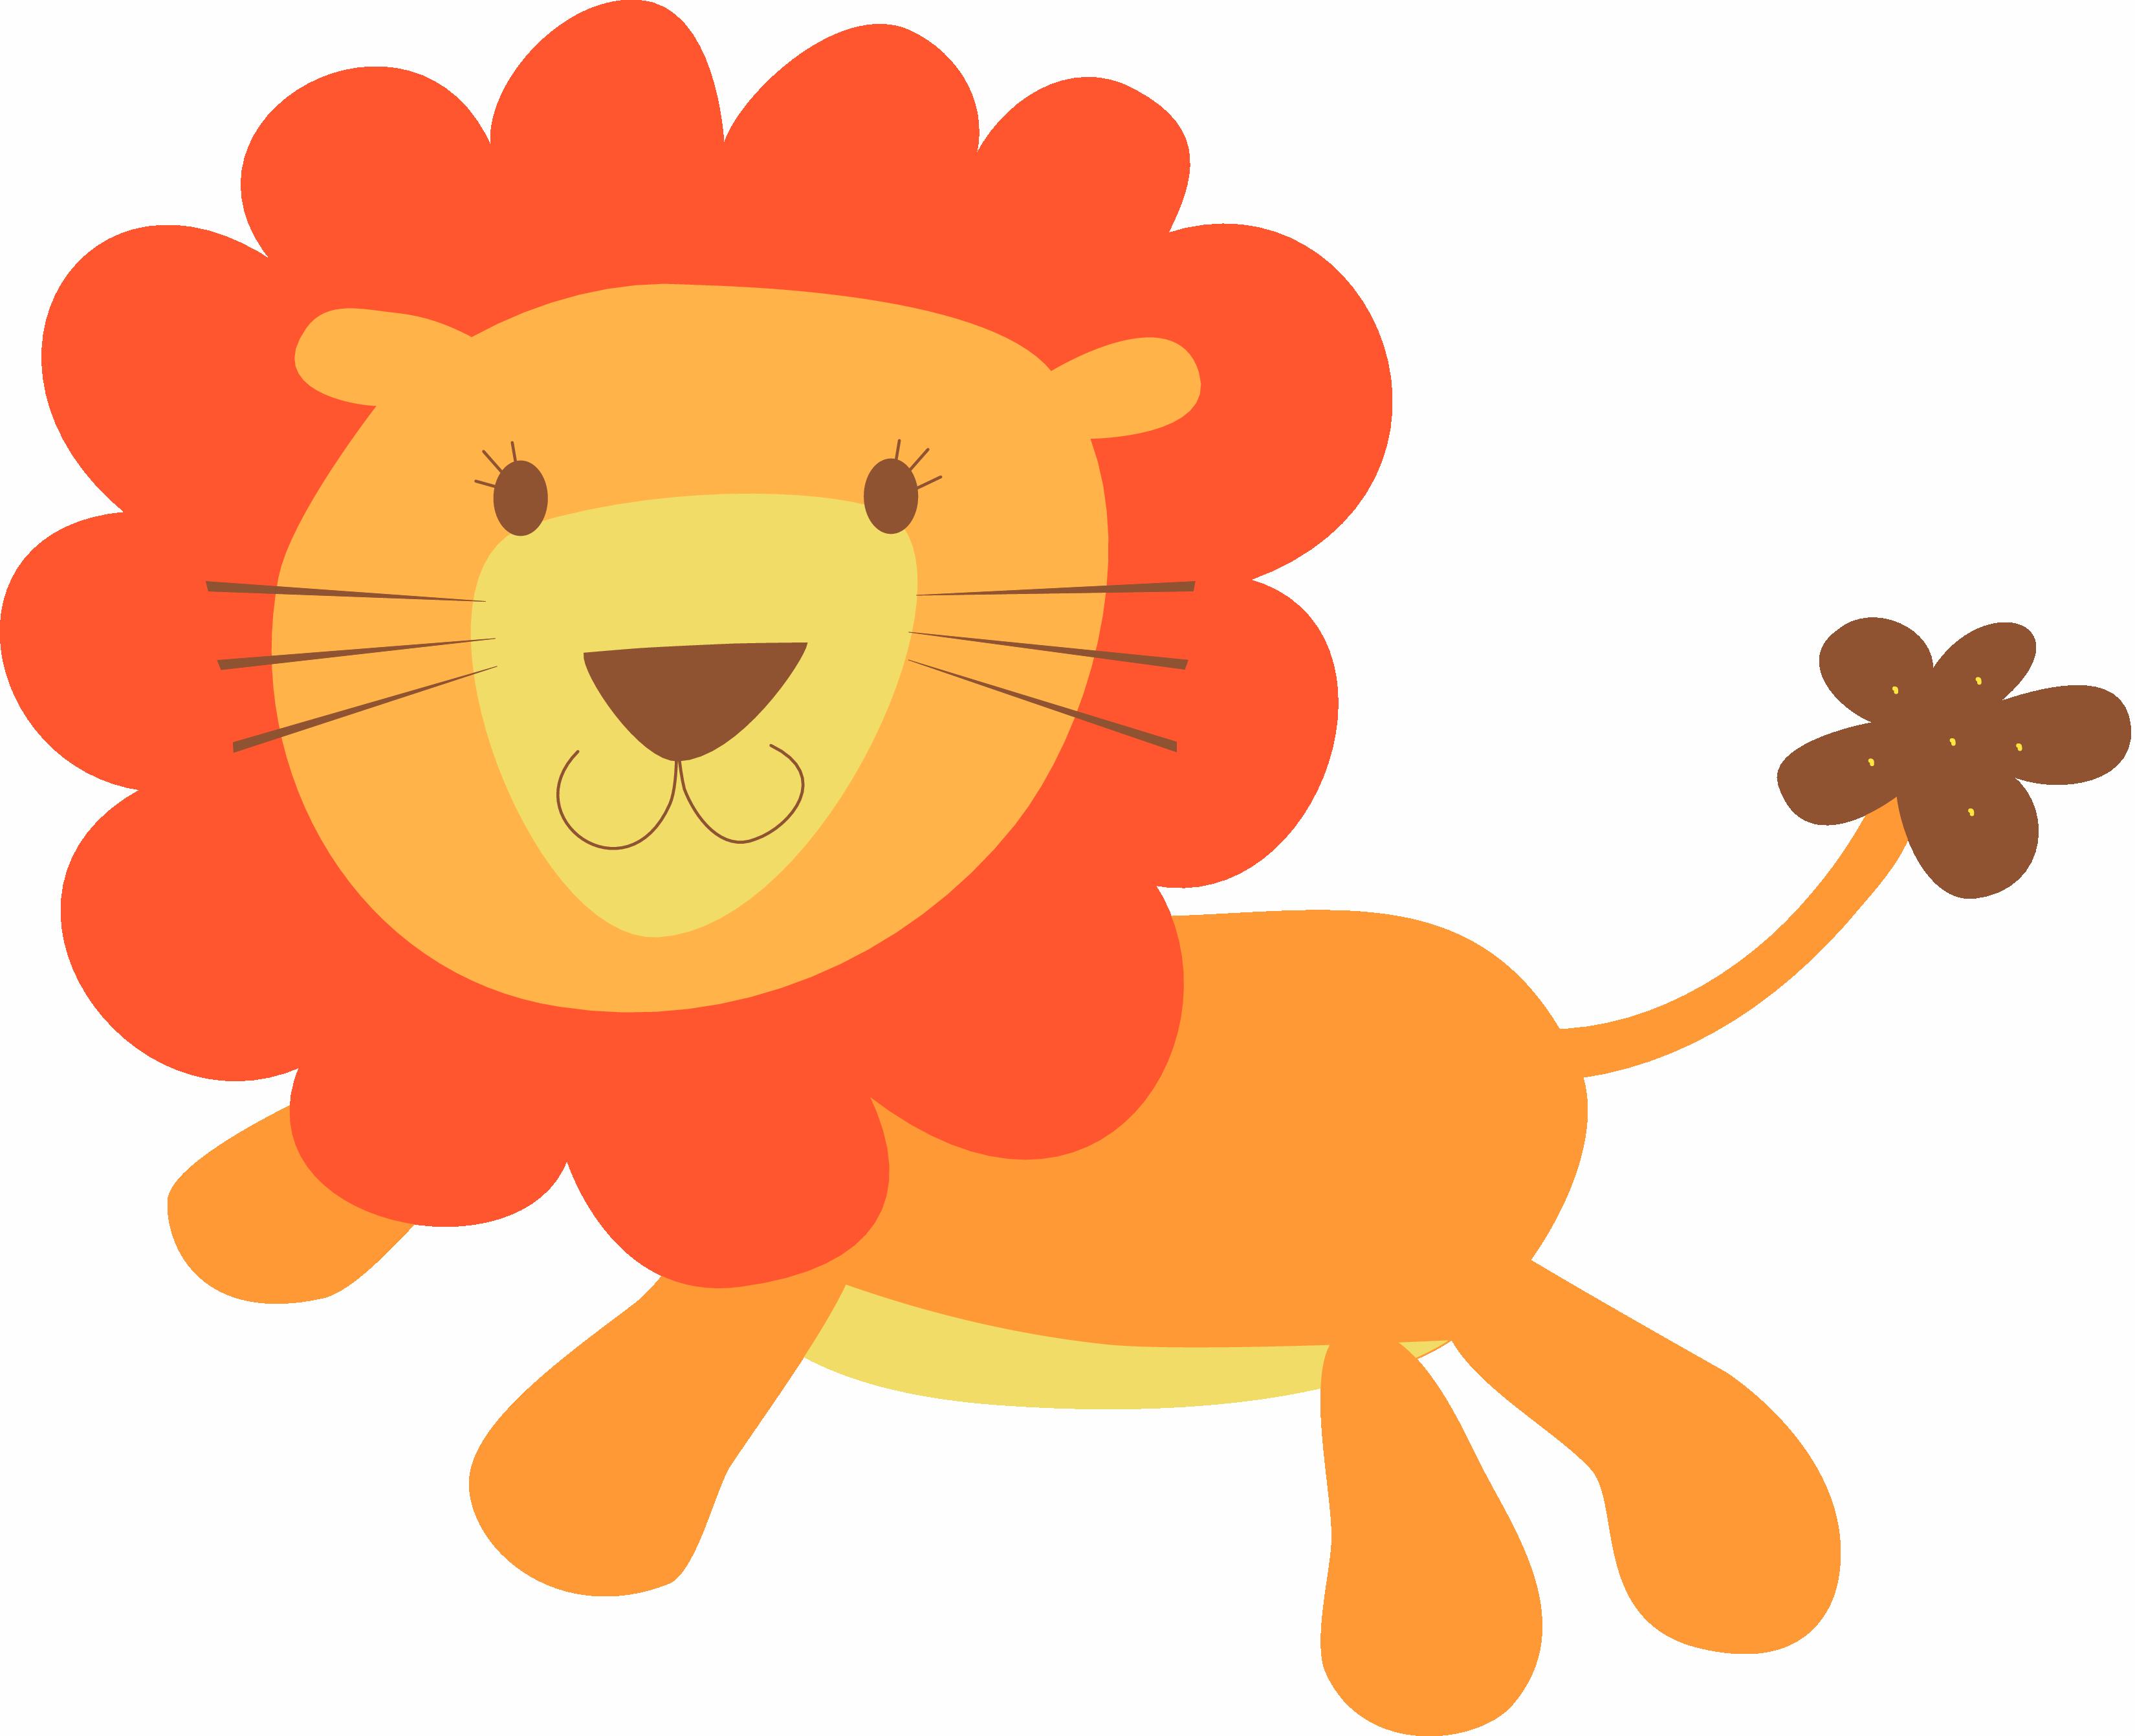 Baby Lion Clip Art - ClipArt Best - ClipArt Best